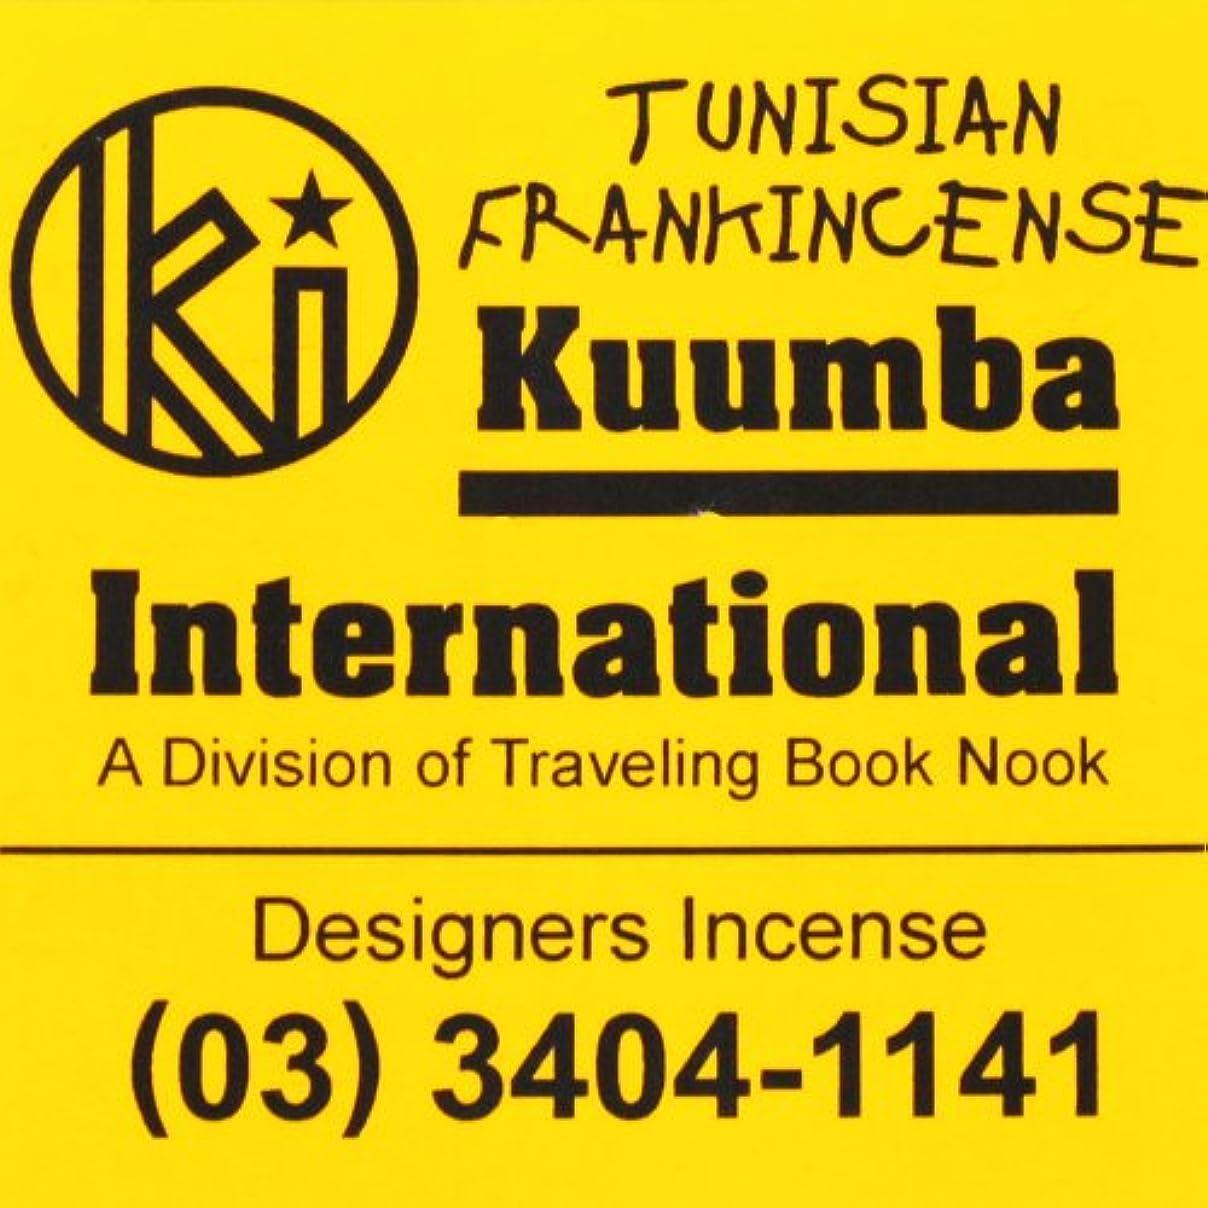 空洞軍適用する(クンバ) KUUMBA『classic regular incense』(TUNISIAN FRANKINCENSE) (Regular size)